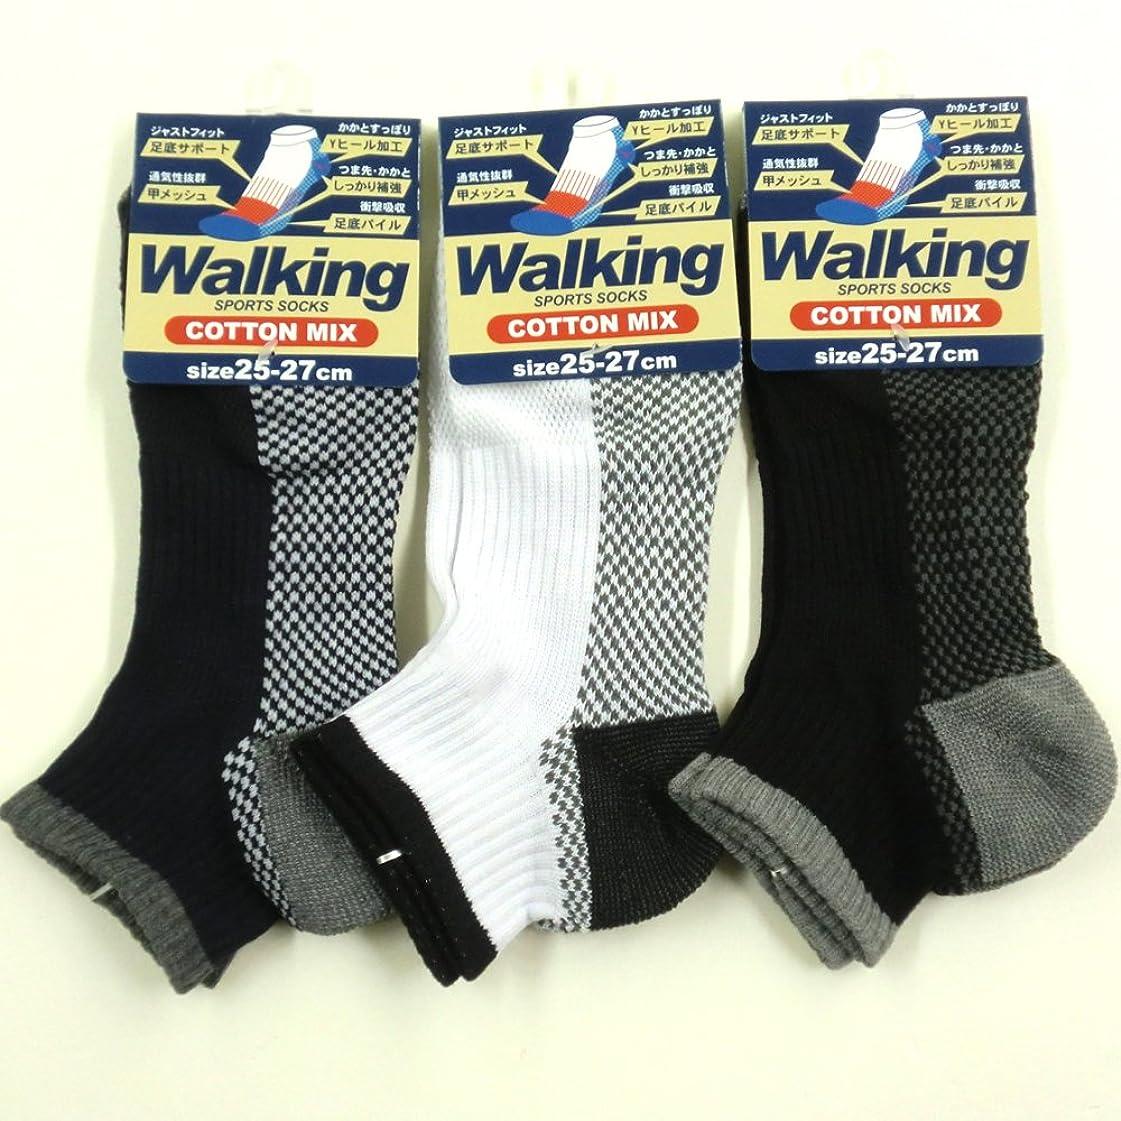 法令産地ケントスニーカー ソックス メンズ ウォーキング 靴下 綿混 足底パイル 25-27cm 3足セット